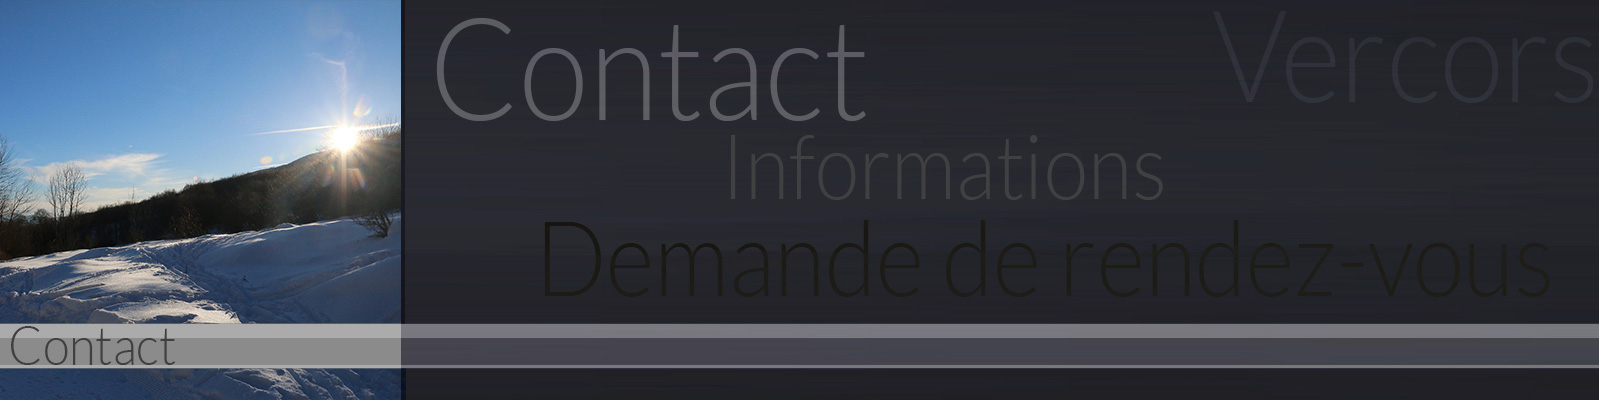 Contact et prises de Rendez-vous - Coiffure, coupe, coloration végétale et maquillage - mariage et soirée - Brind'folly - Vercors - Grenoble